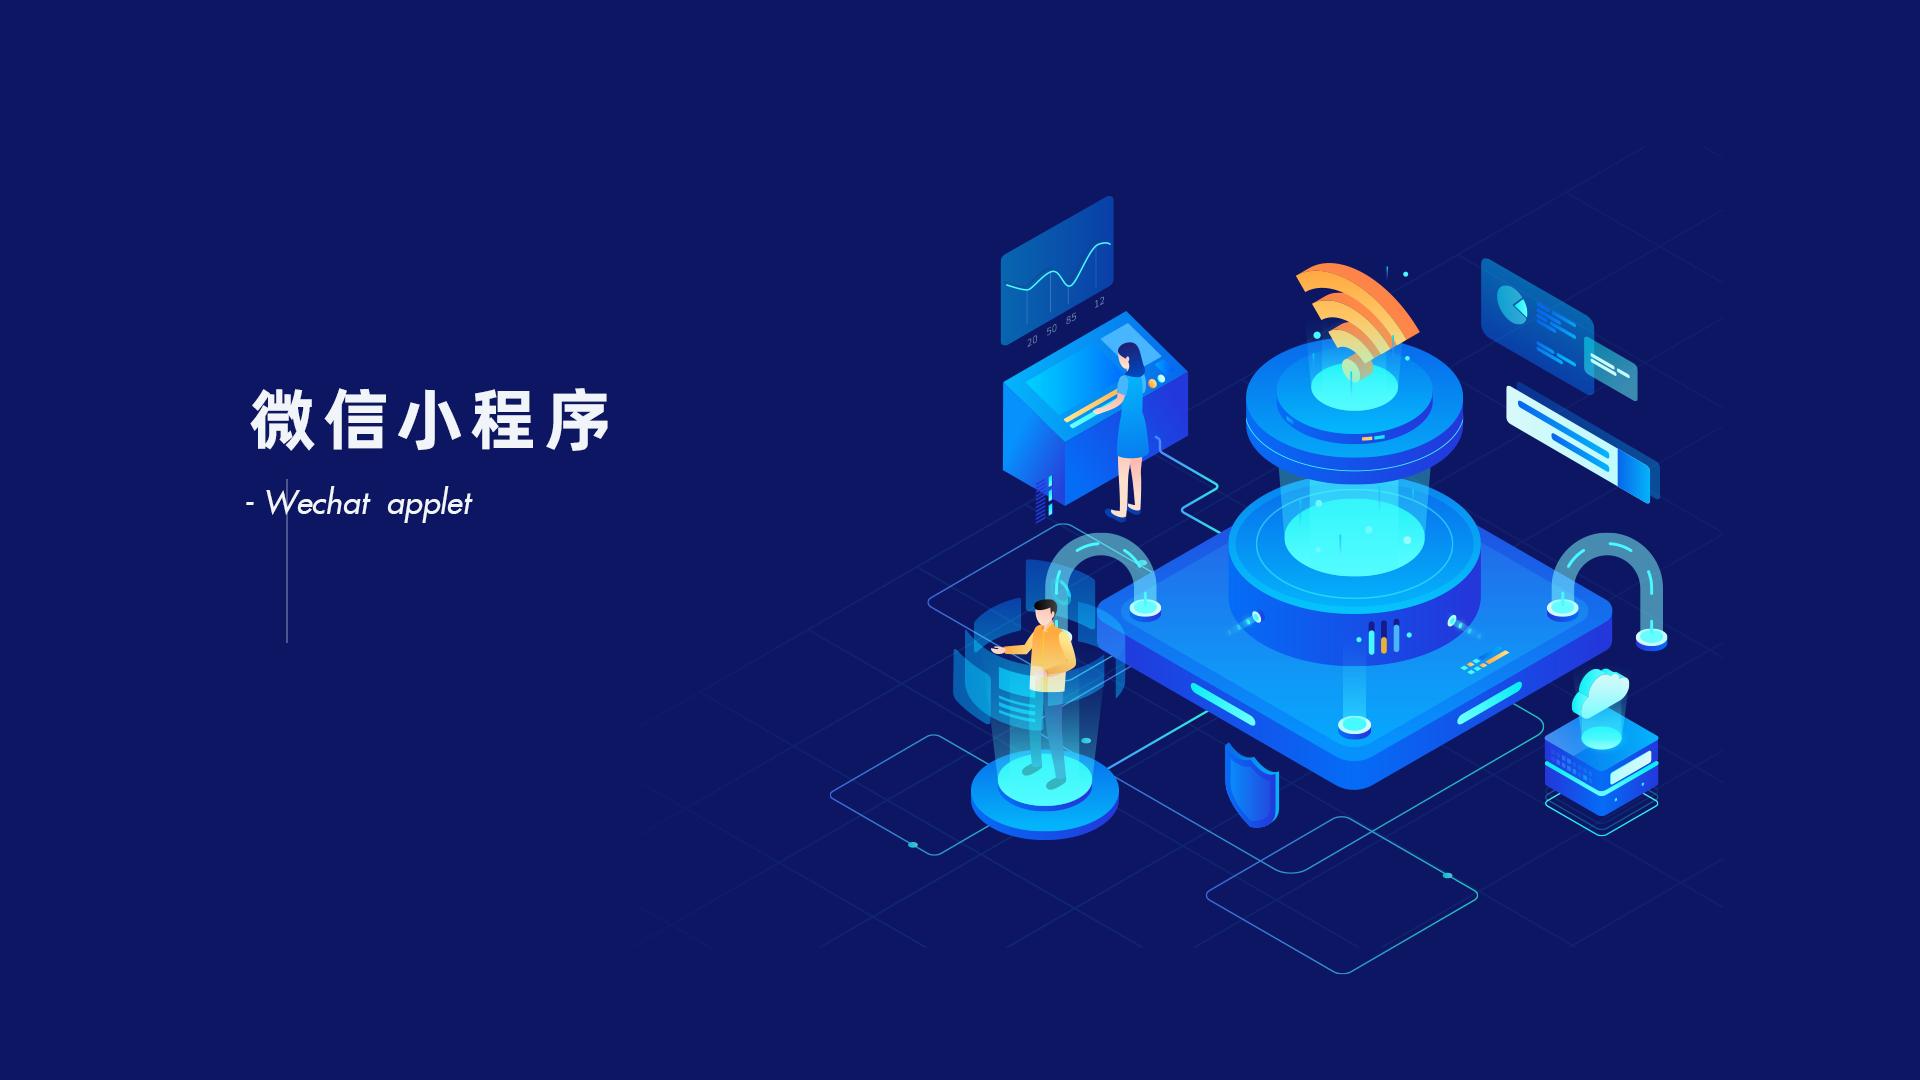 汇川贵州合锐科技为您提供微信小程序定制开发服务,专业五年开发经验。